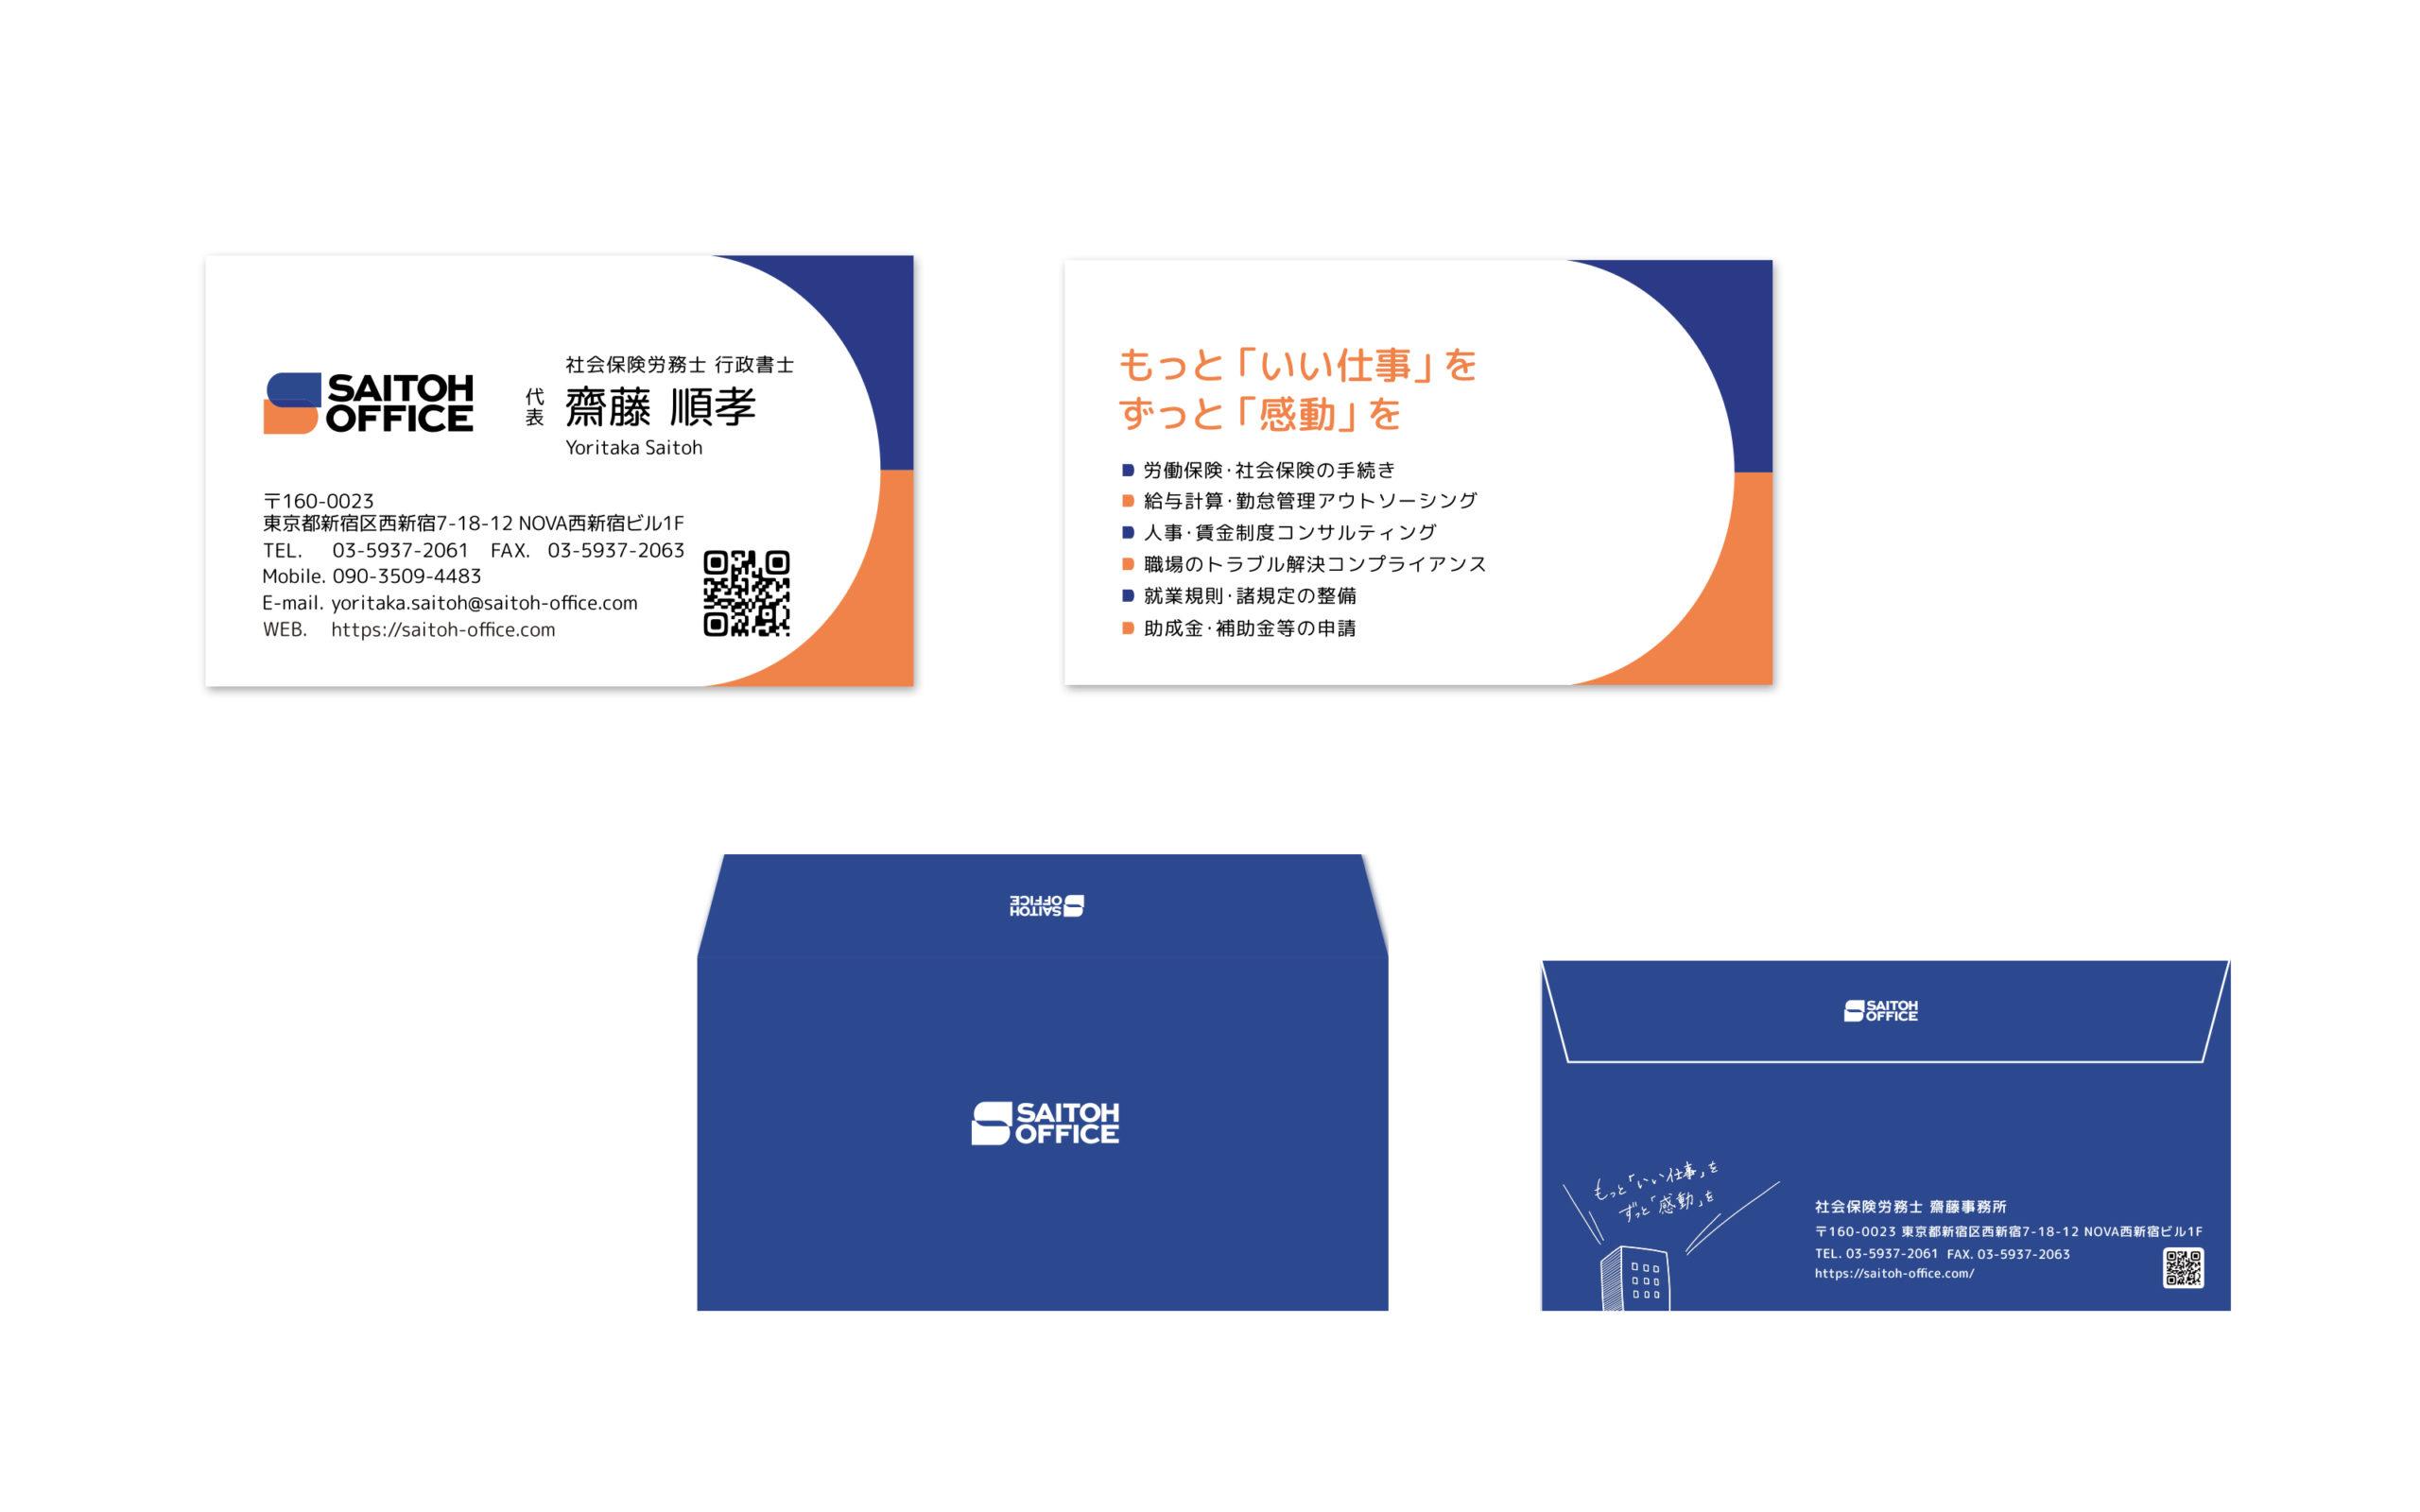 社会保険労務士 齋藤事務所 名刺・封筒